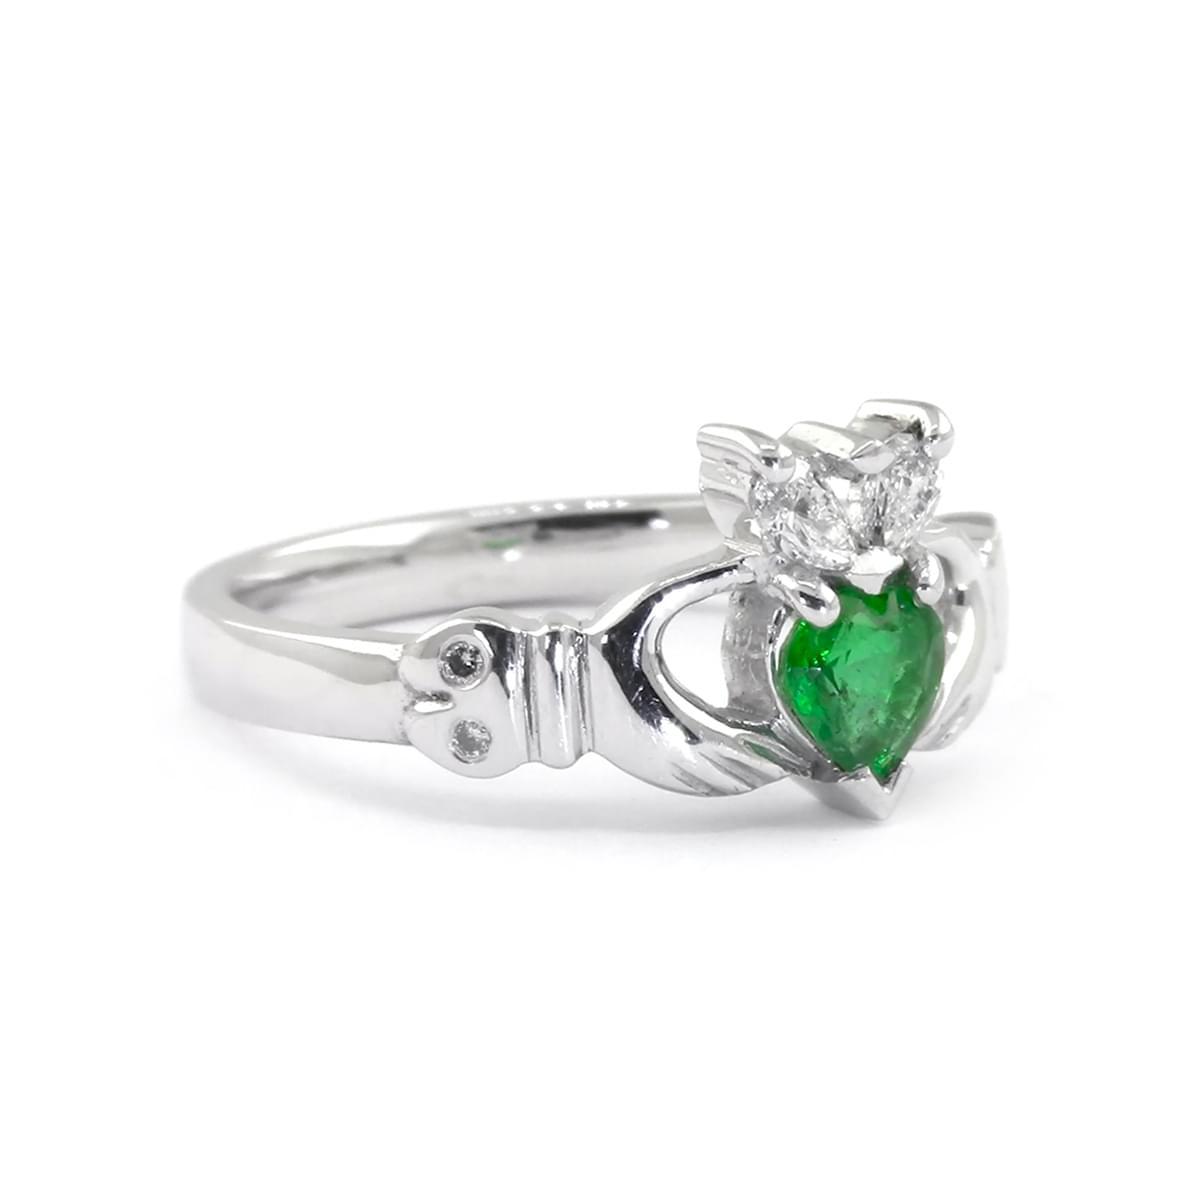 Heartshape Emerald And Brilliant Cut Diamond Claddagh Ring